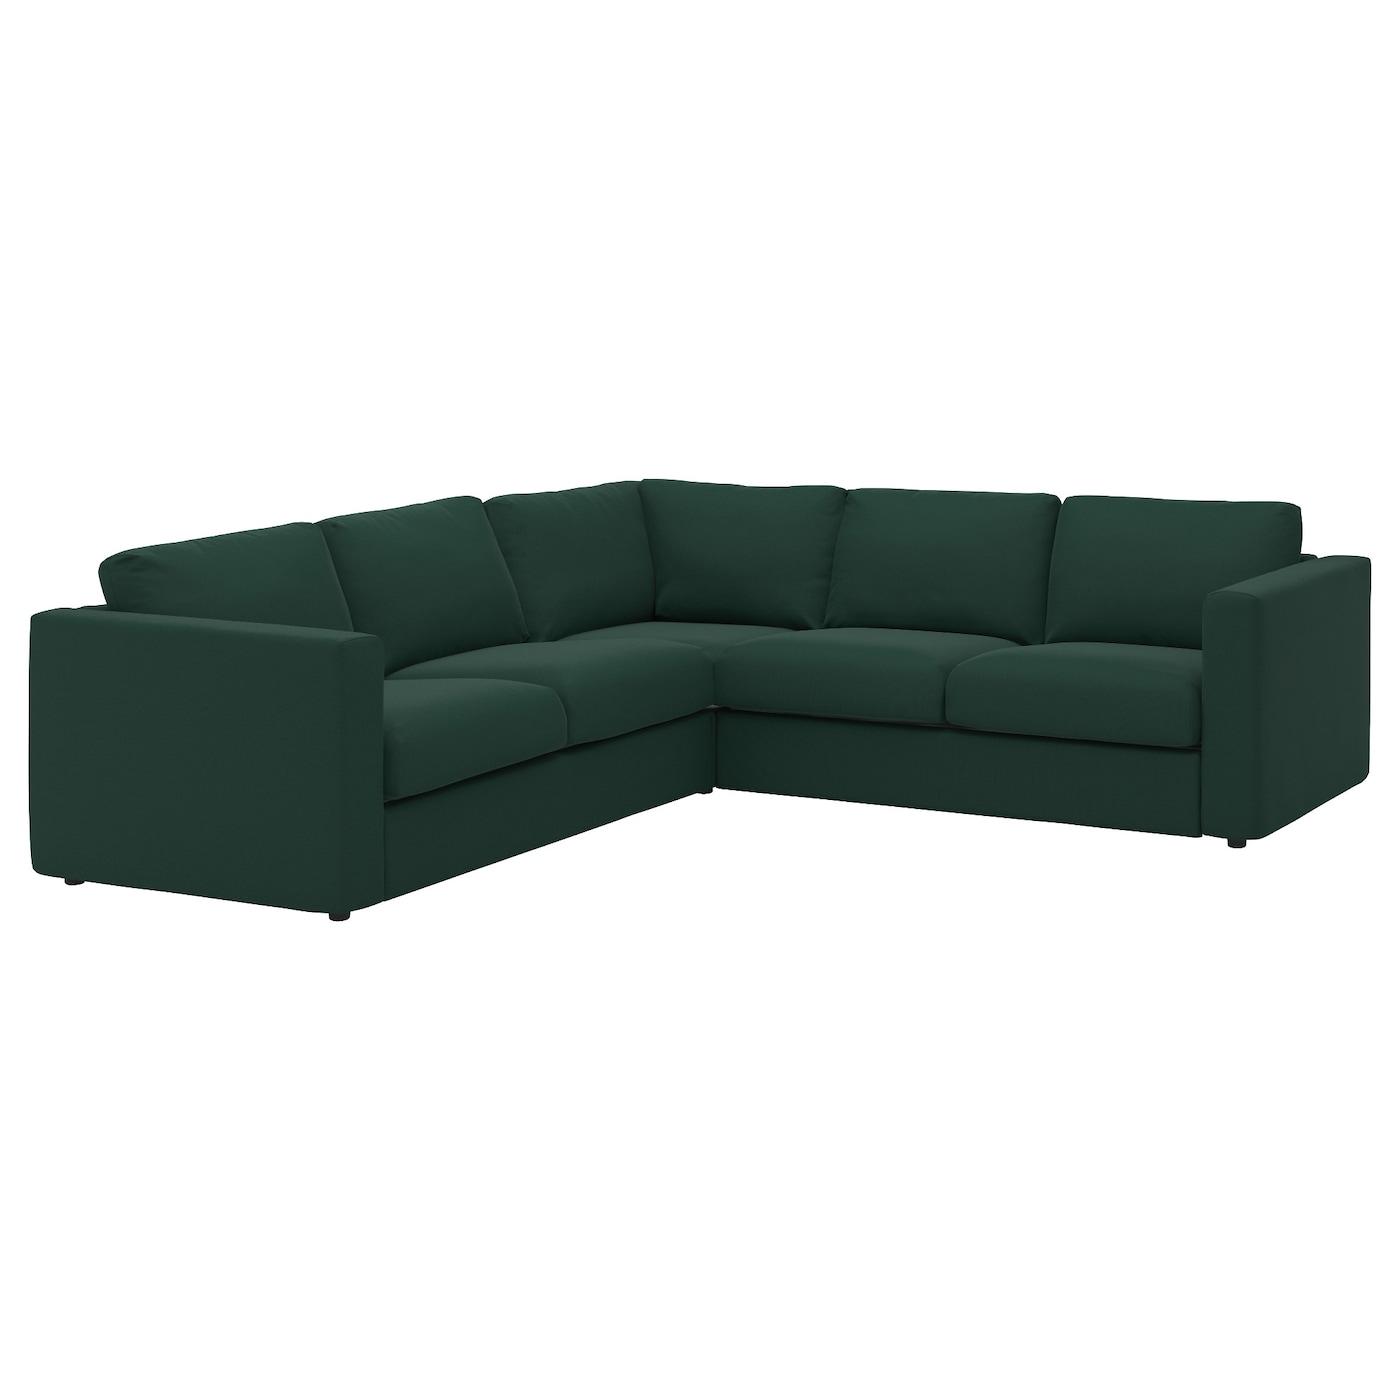 Vimle corner sofa 4 seat gunnared dark green ikea for Dark green sectional sofa